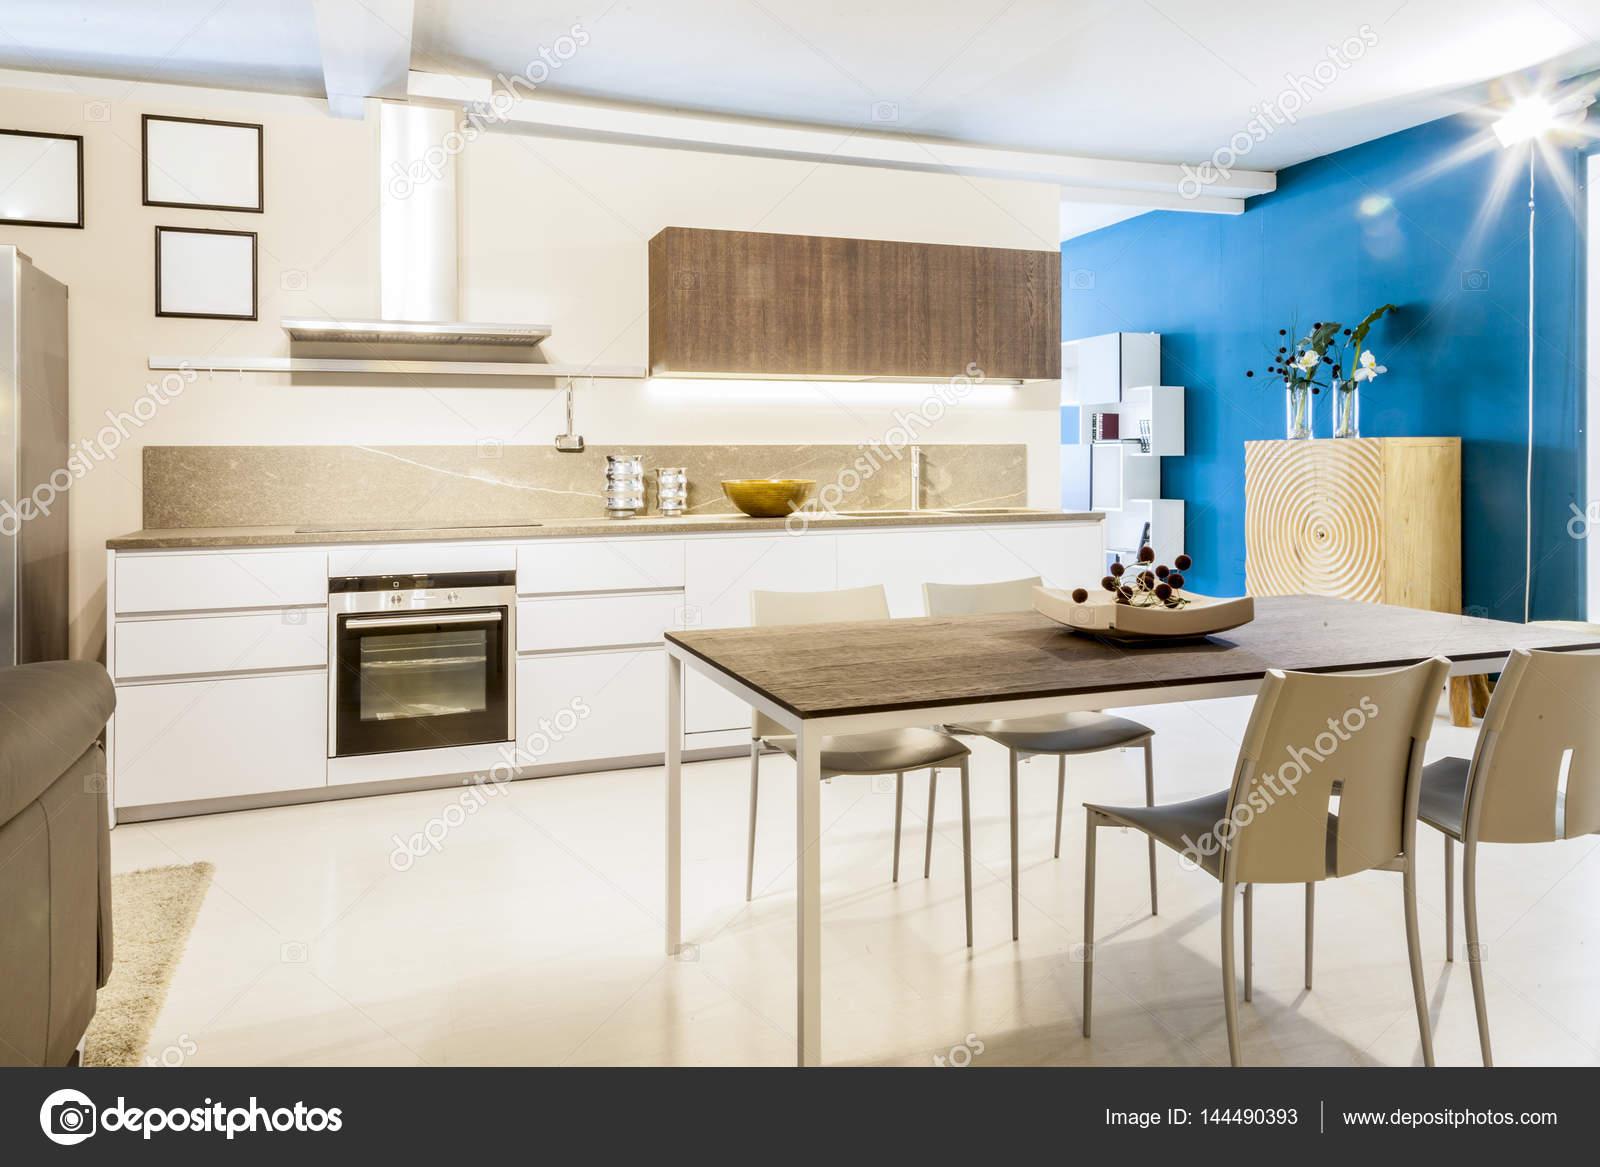 Moderne Bel Appartement Dans Le Nouvel Interieur De Maison De Luxe